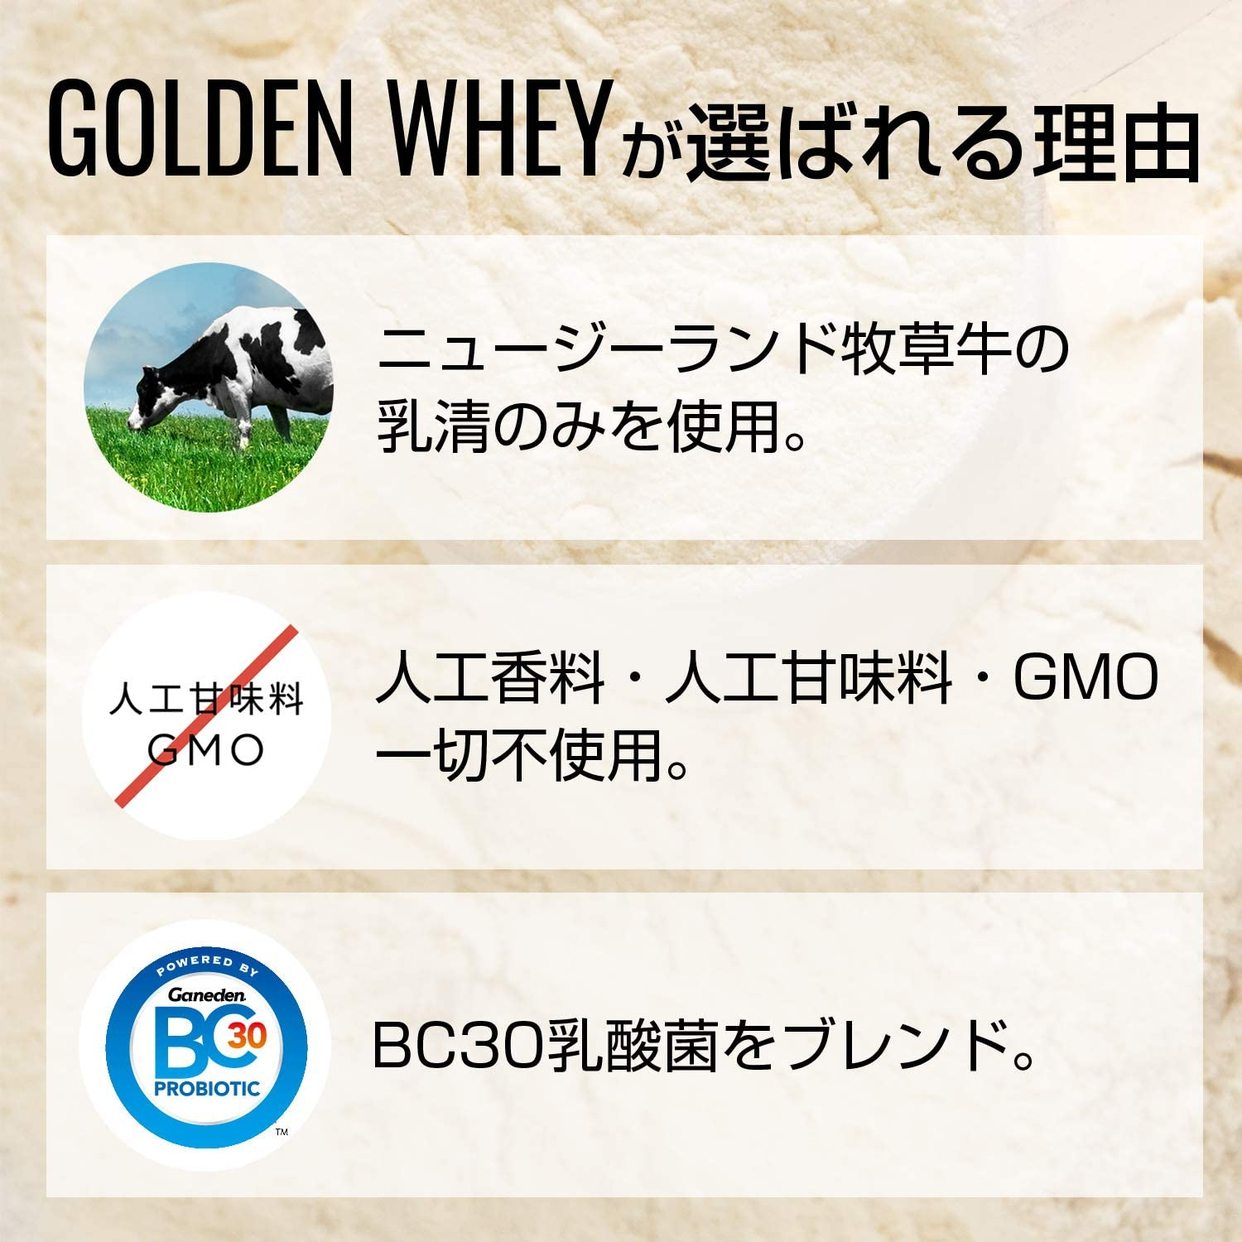 Choice(チョイス) ゴールデンホエイの商品画像2